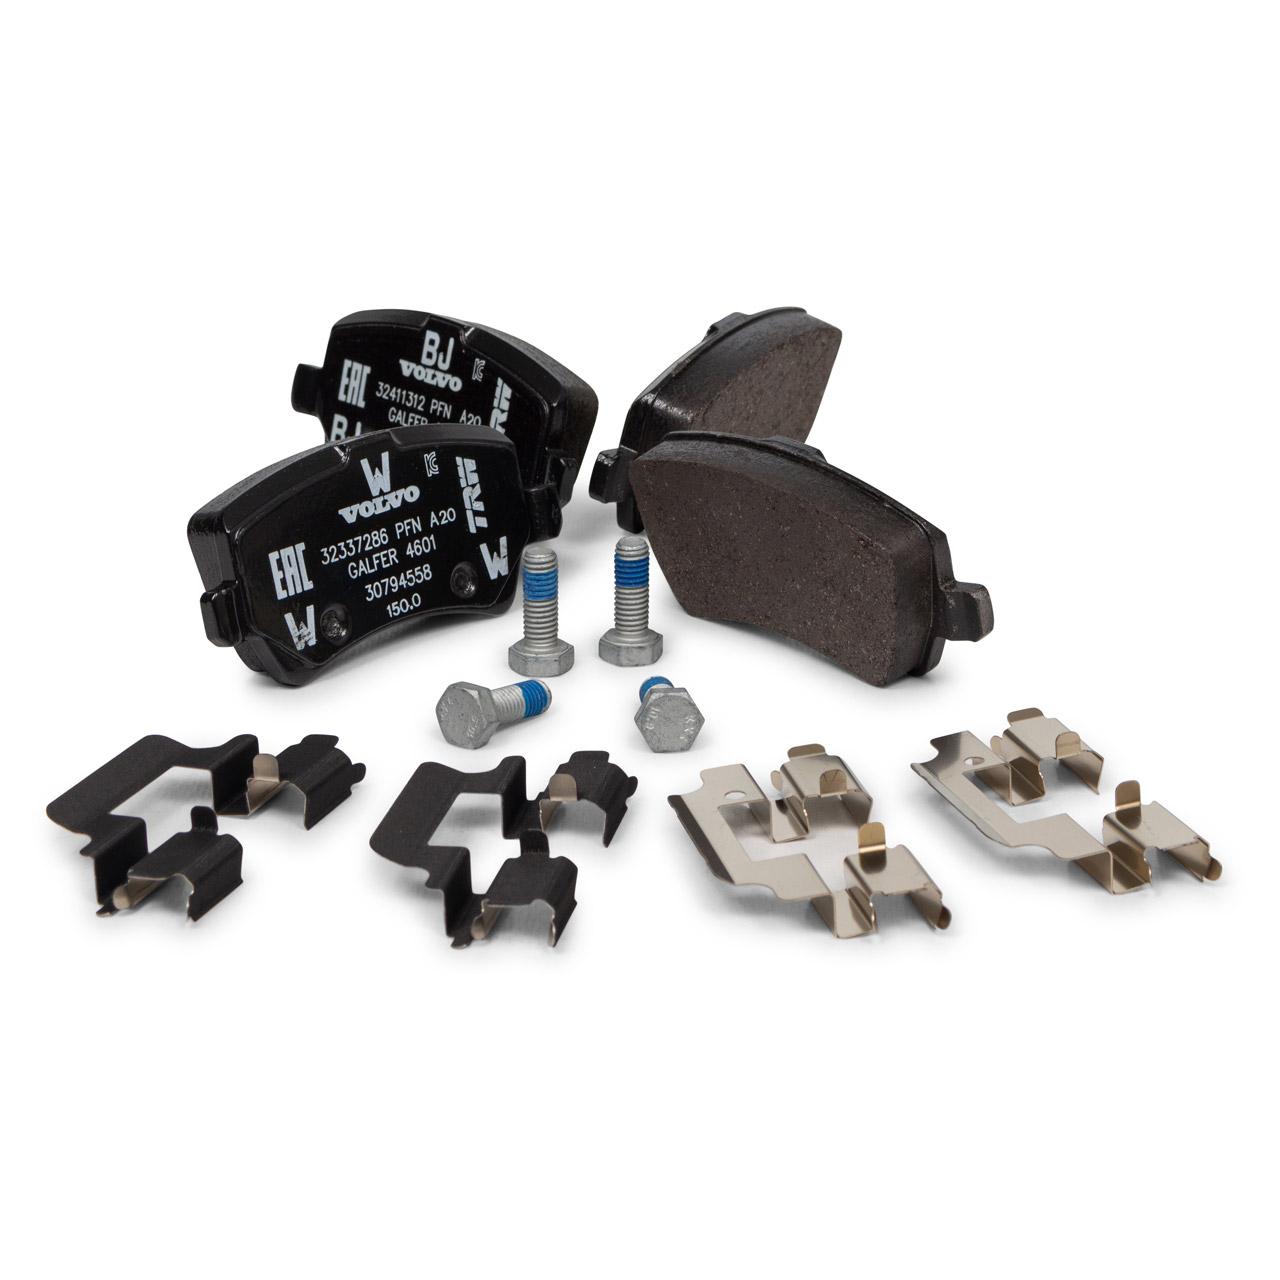 ORIGINAL Volvo Bremsen Set Kit Bremsscheiben + Bremsbeläge XC60 (156) hinten